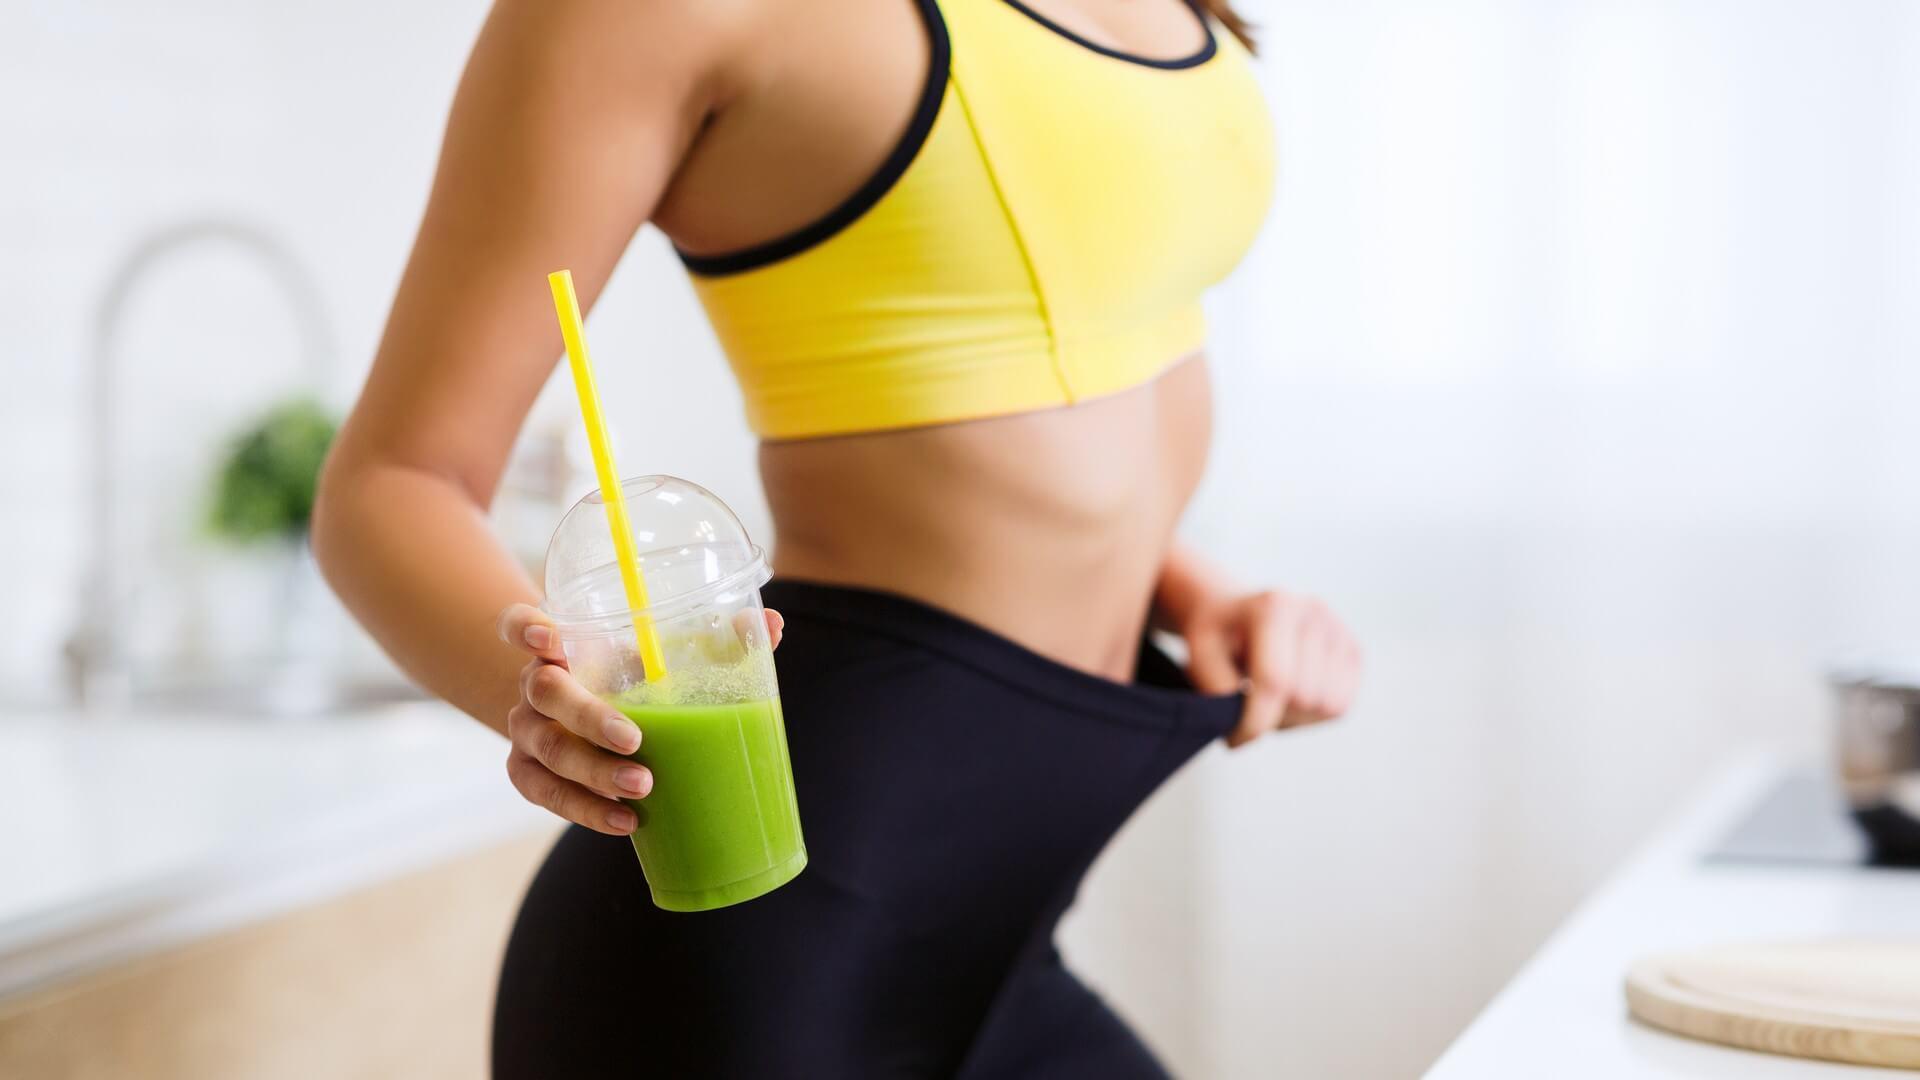 Razstrupljevalne diete so pred poletjem zelo popularne, kaj pravi znanost?